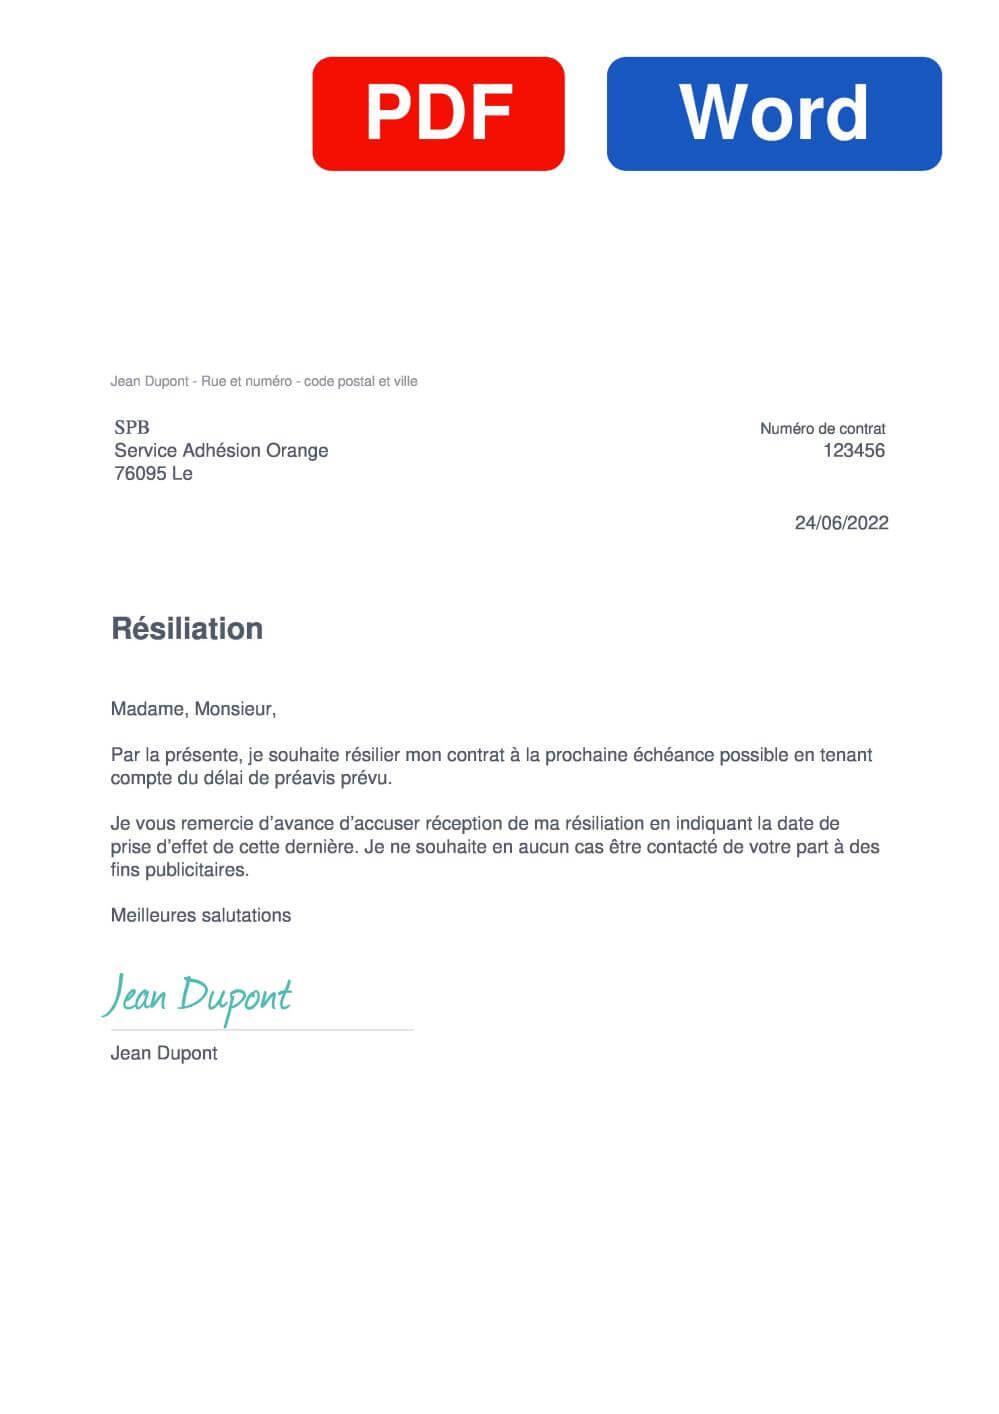 SPB Orange mobile Assurance Modèle de lettre de résiliation